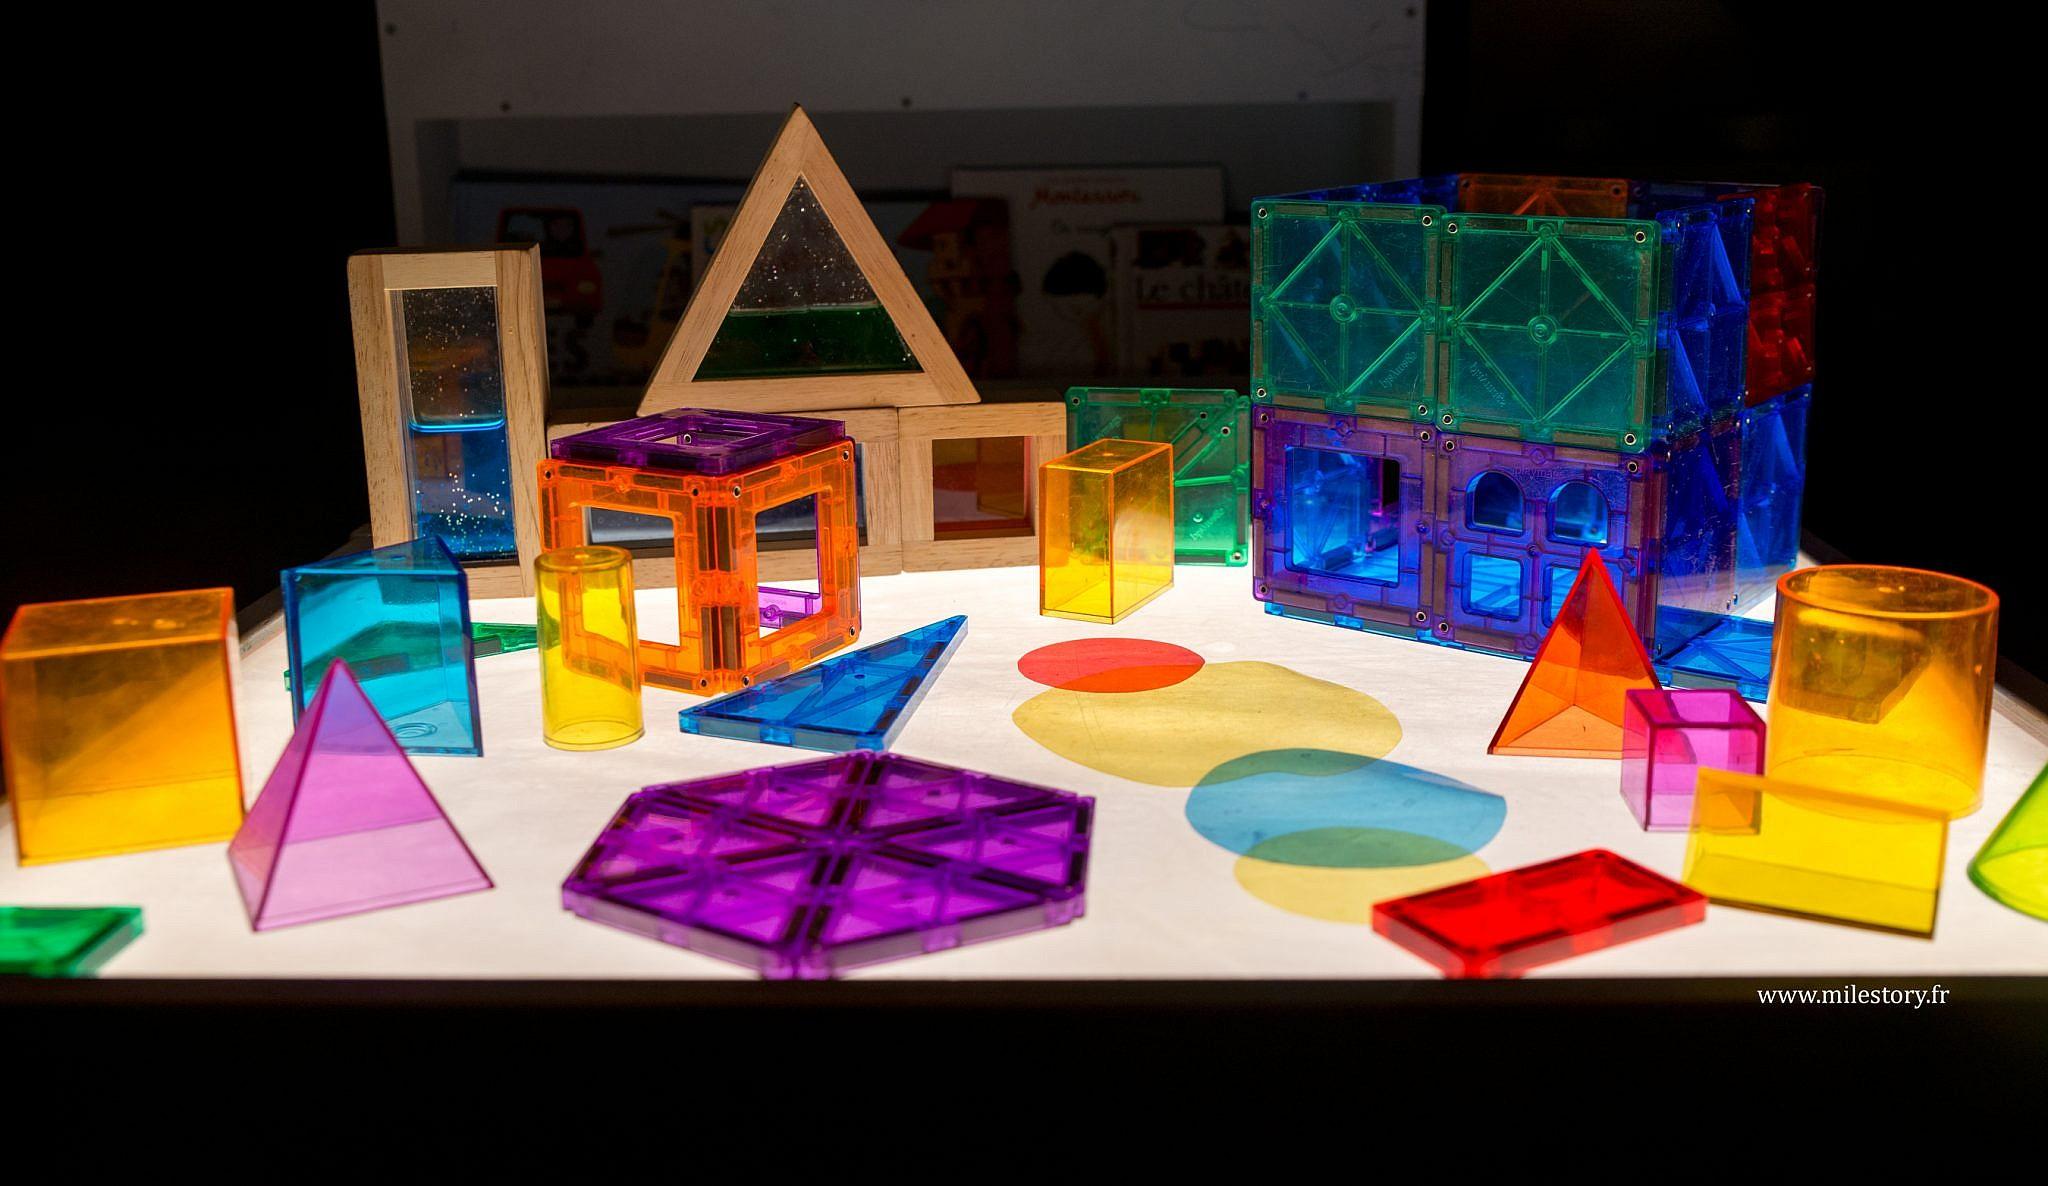 Diy Table Lumineuse Ikea Hack Milestory